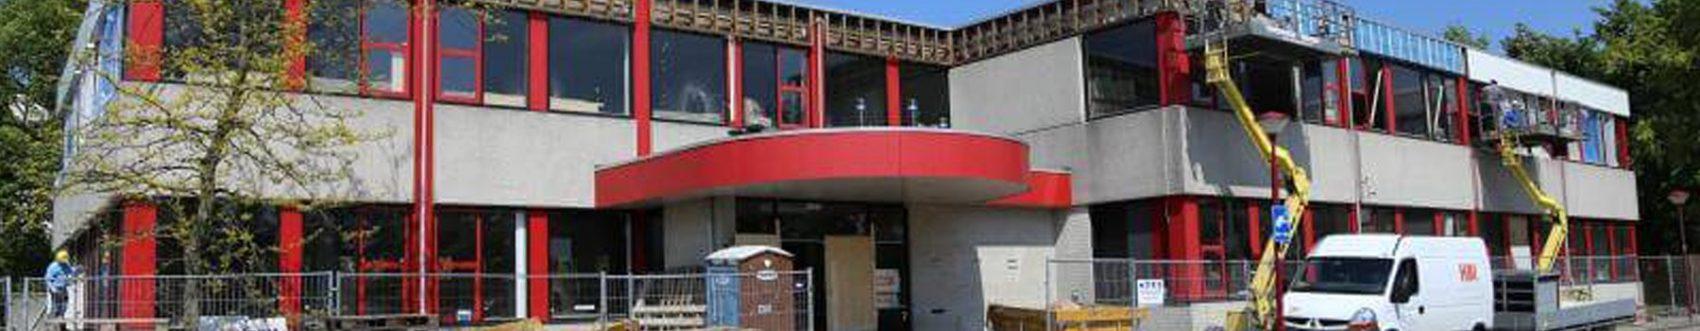 Transformatie tandheelkundig centrum naar woningen